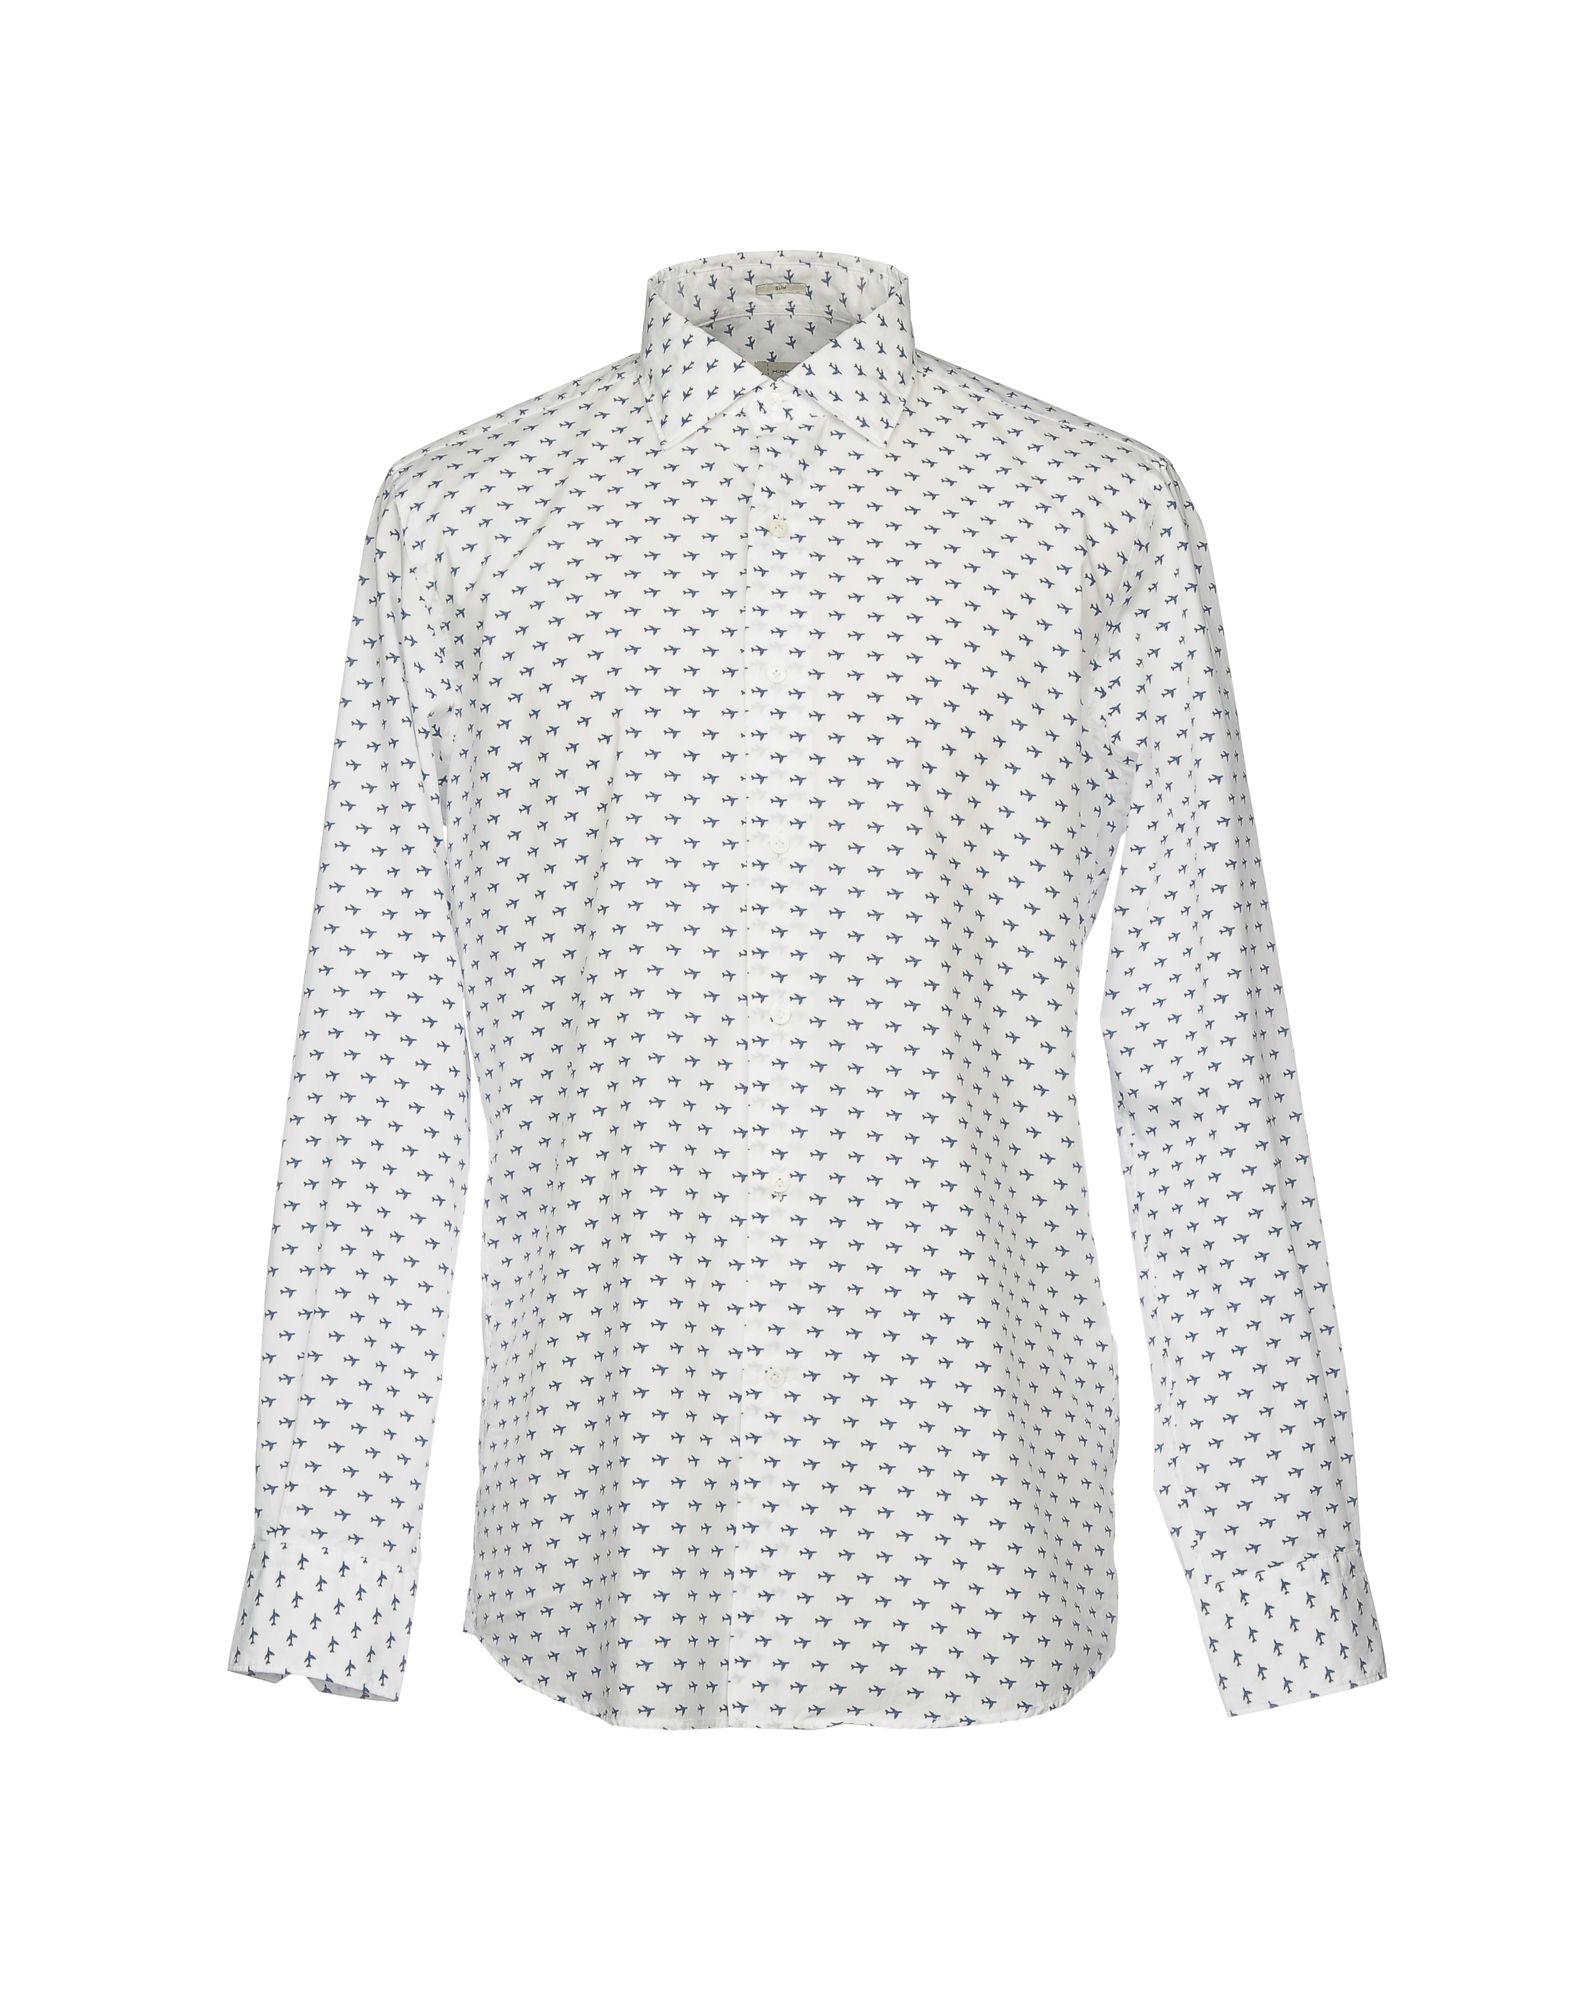 HIMON'S Pубашка delusion pубашка